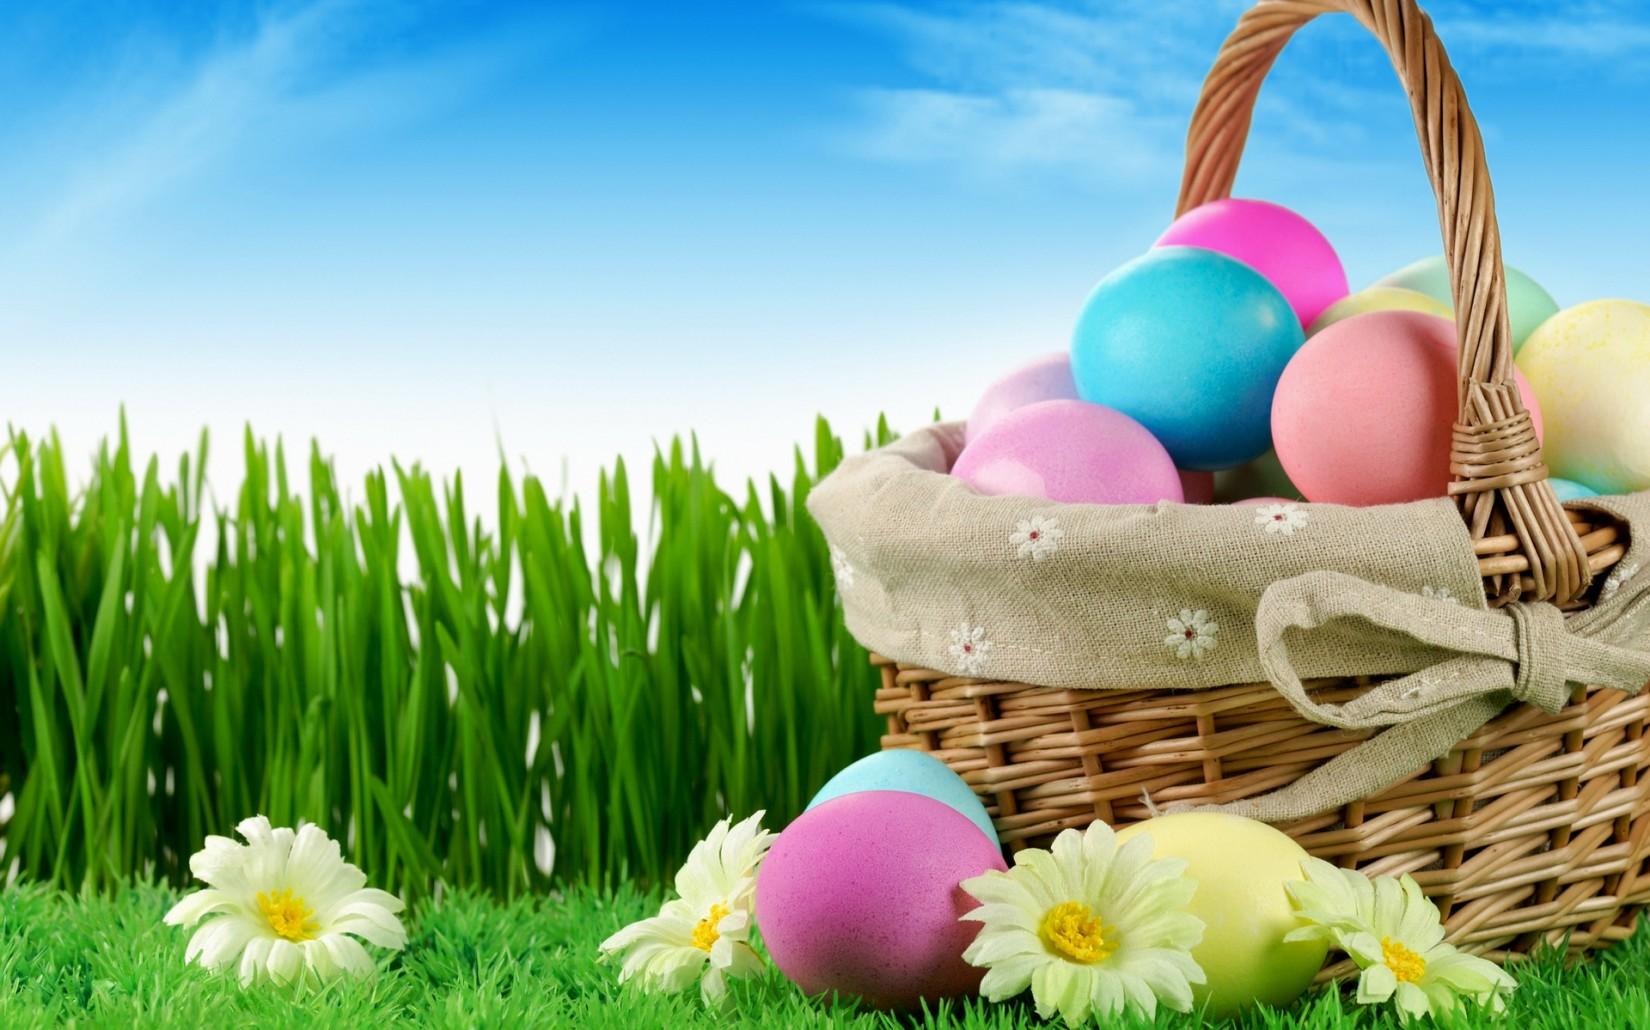 З наступаючим  святом Воскресіння Христового, з Великоднем!